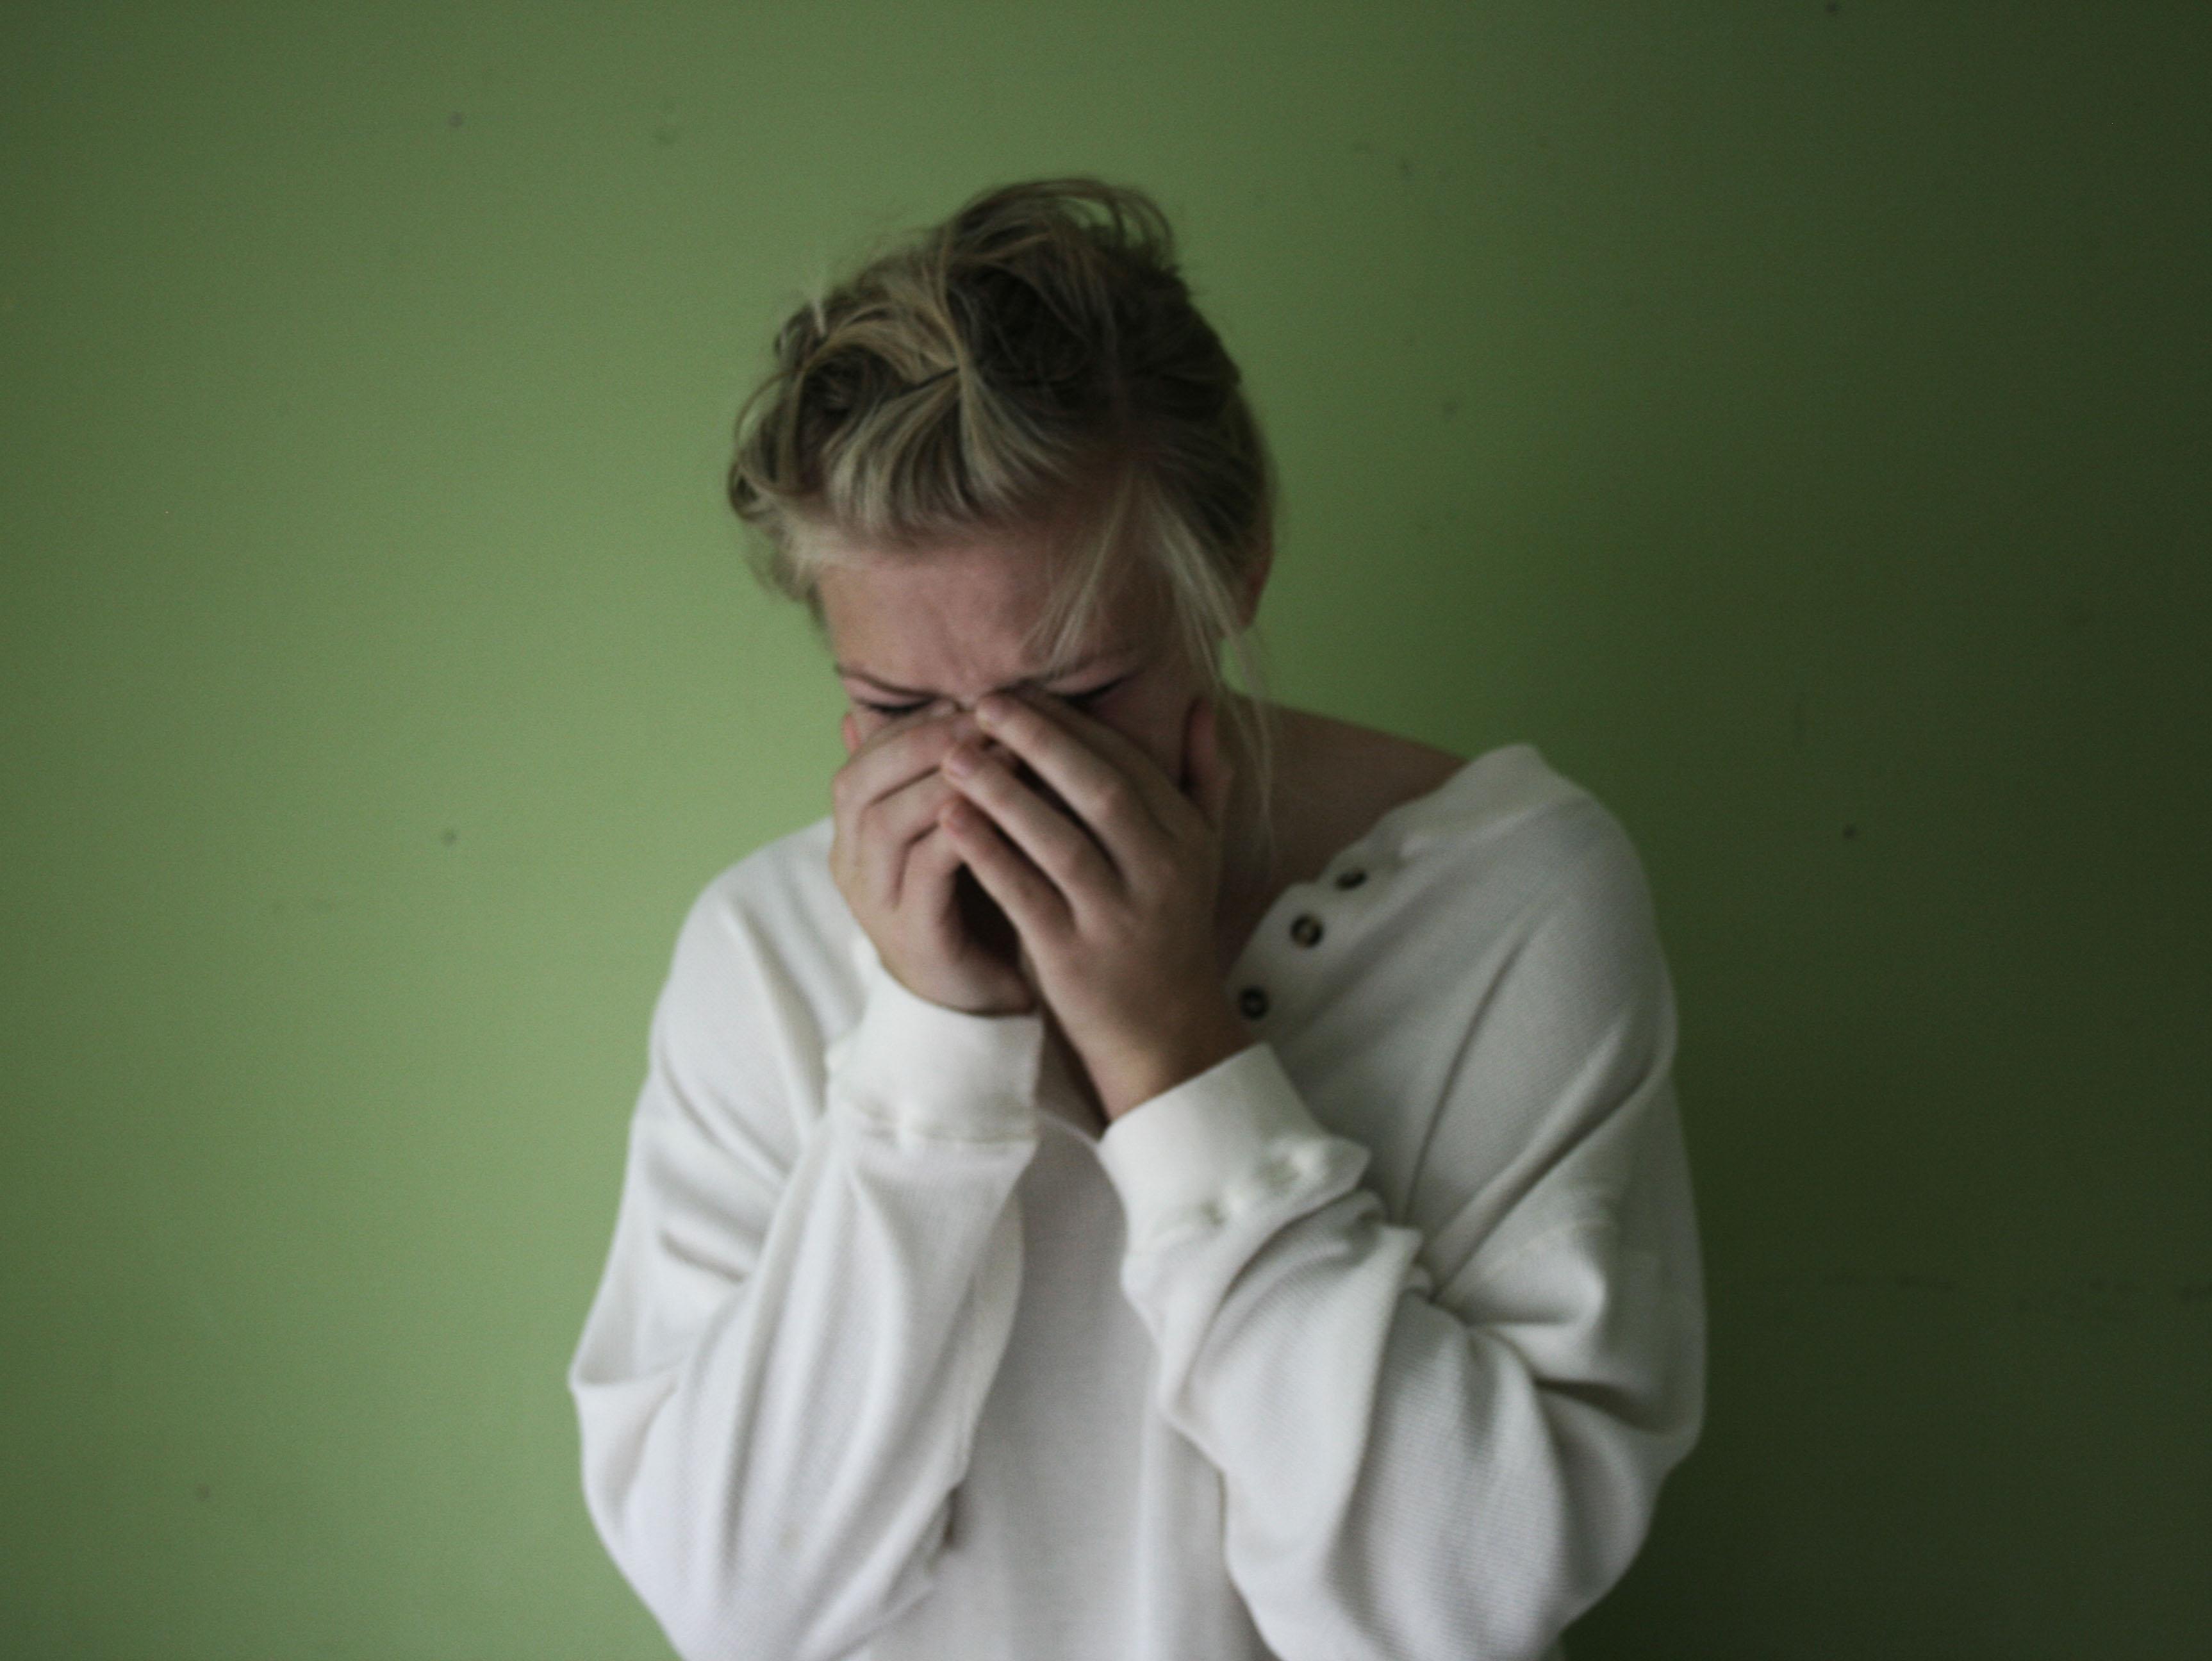 Výsledok vyhľadávania obrázkov pre dopyt women pain